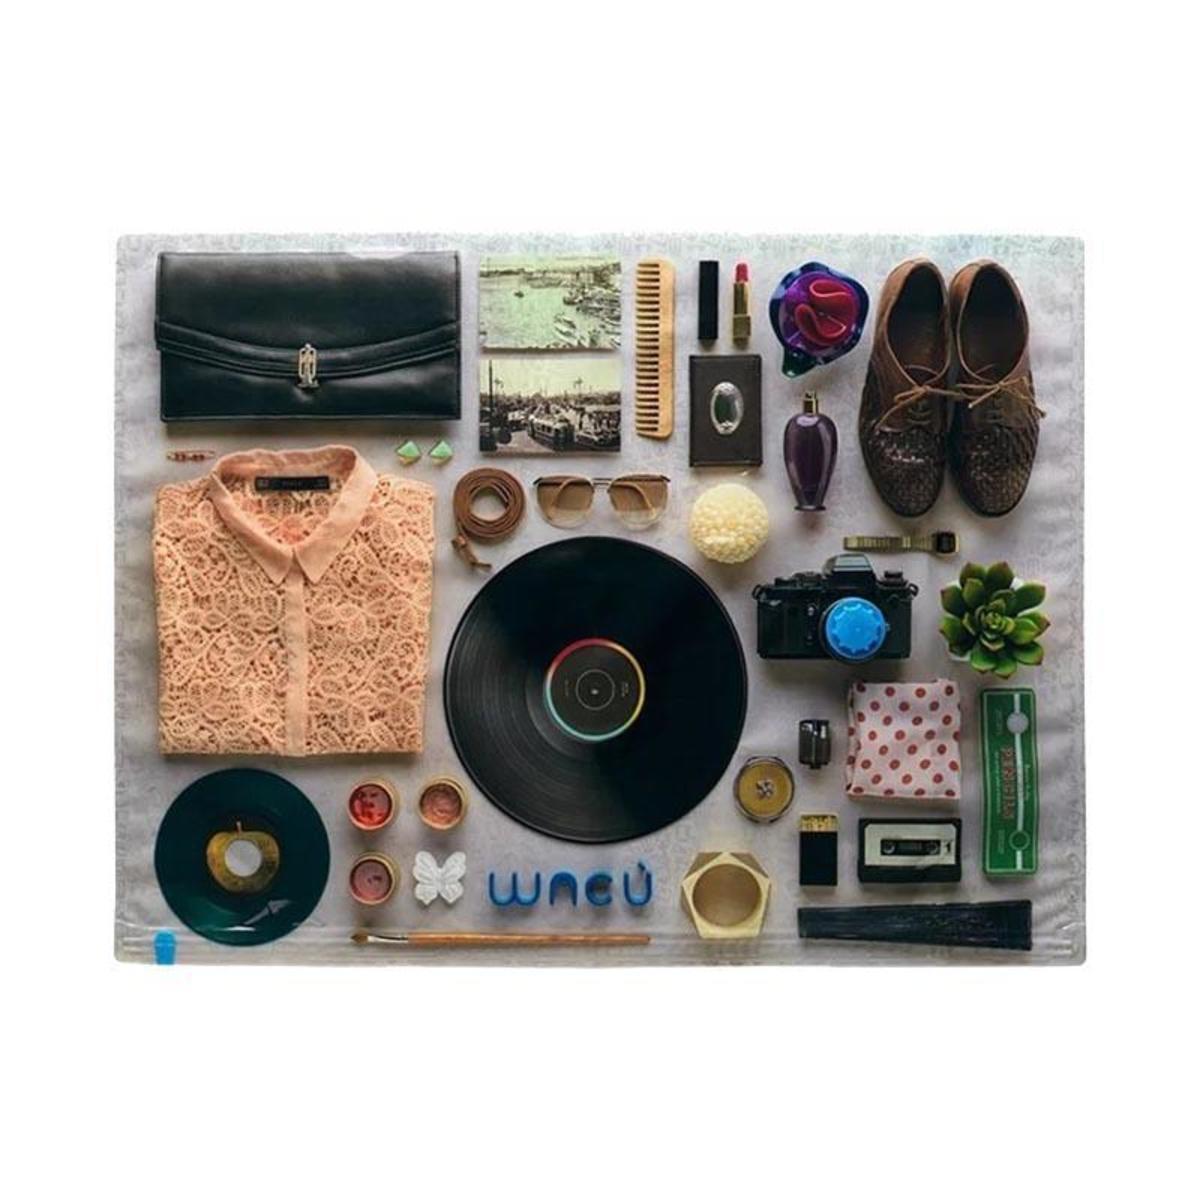 真空袋 2個裝 意大利品牌 - The Vintage Woman / 中碼